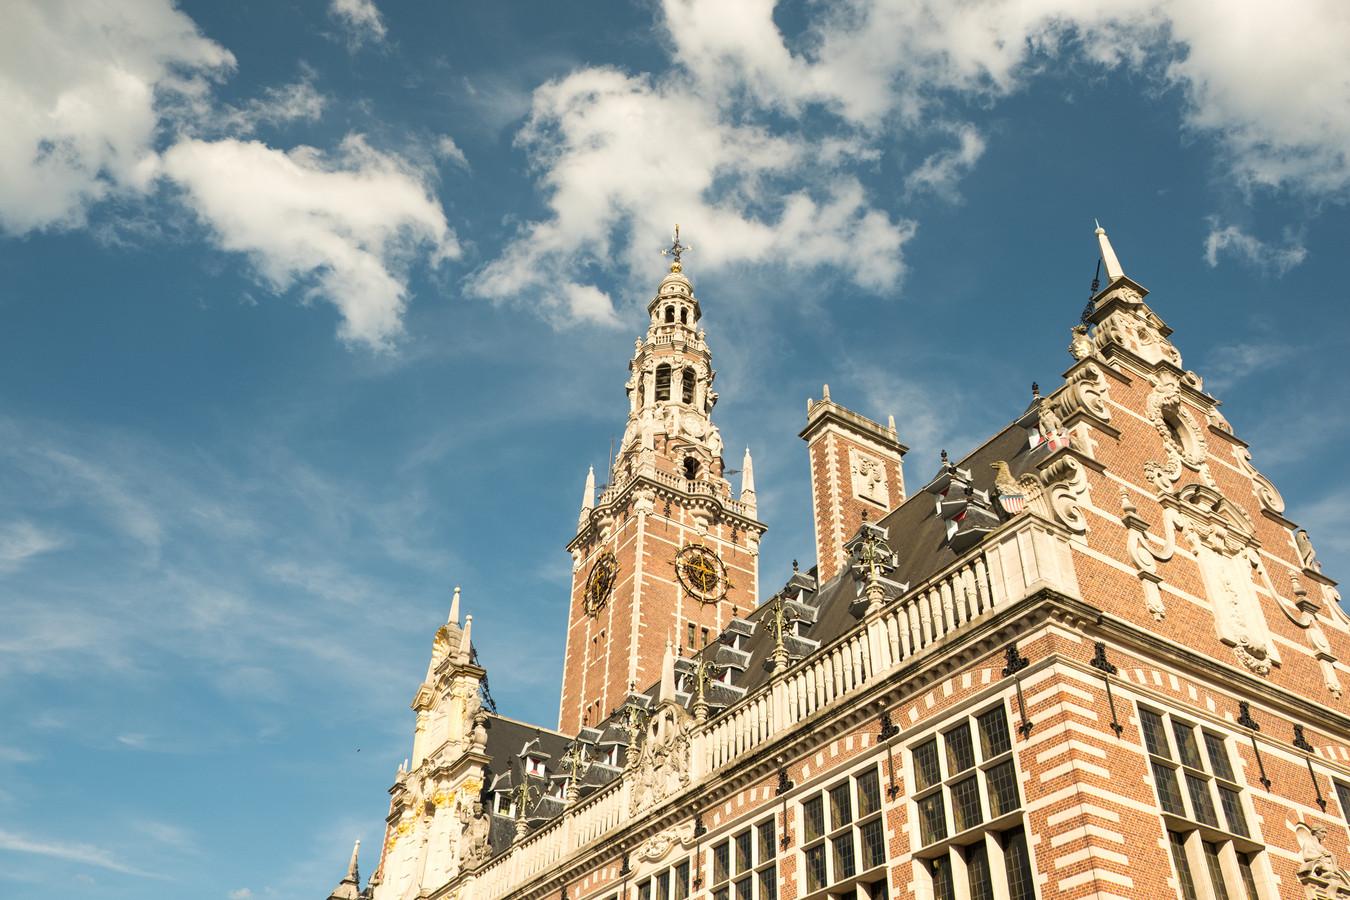 De universiteitsbibliotheek van de KU Leuven.